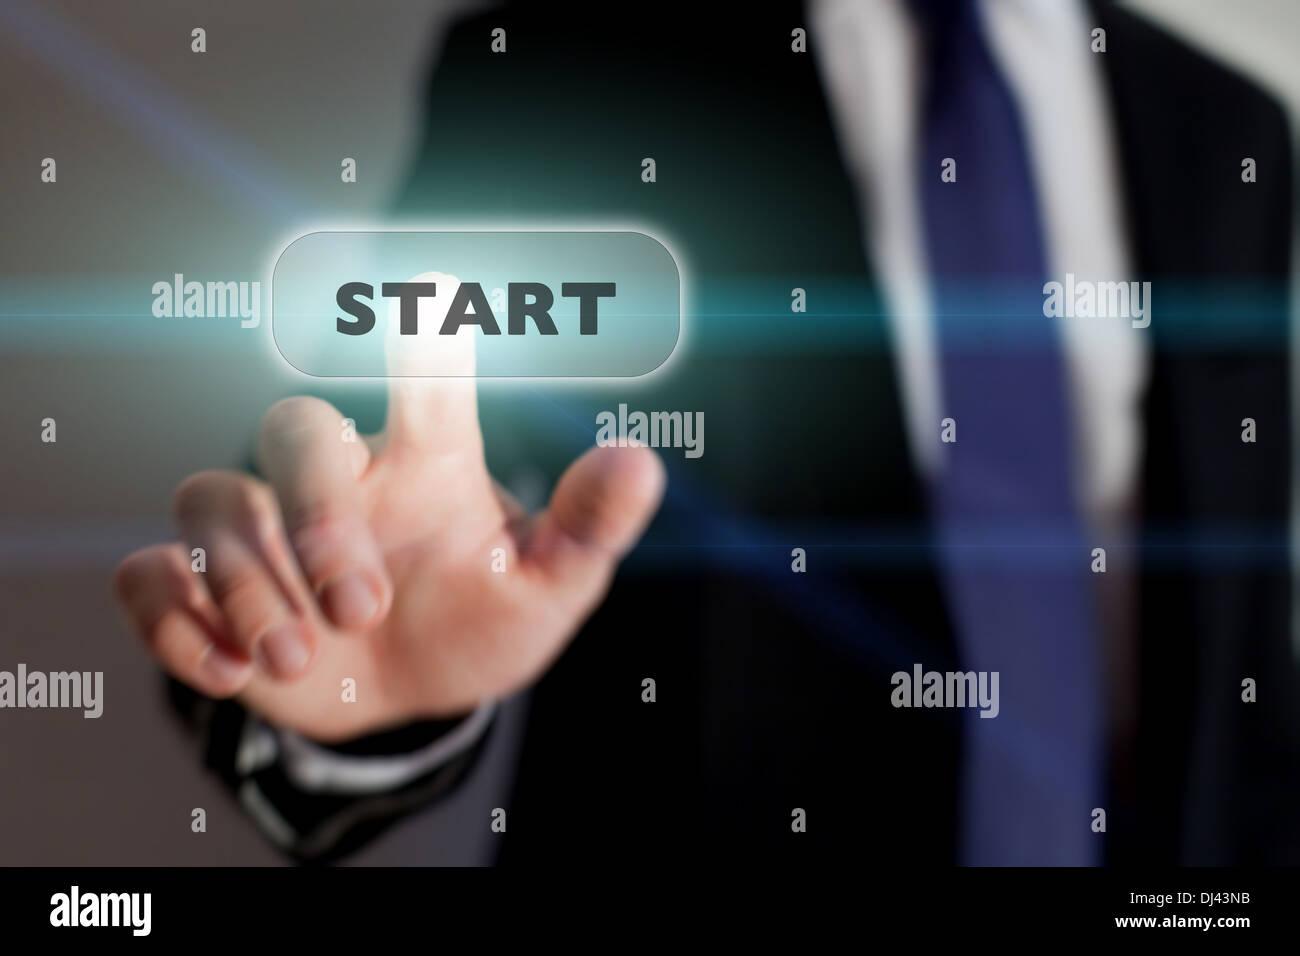 Iniciar un nuevo negocio, concepto Imagen De Stock